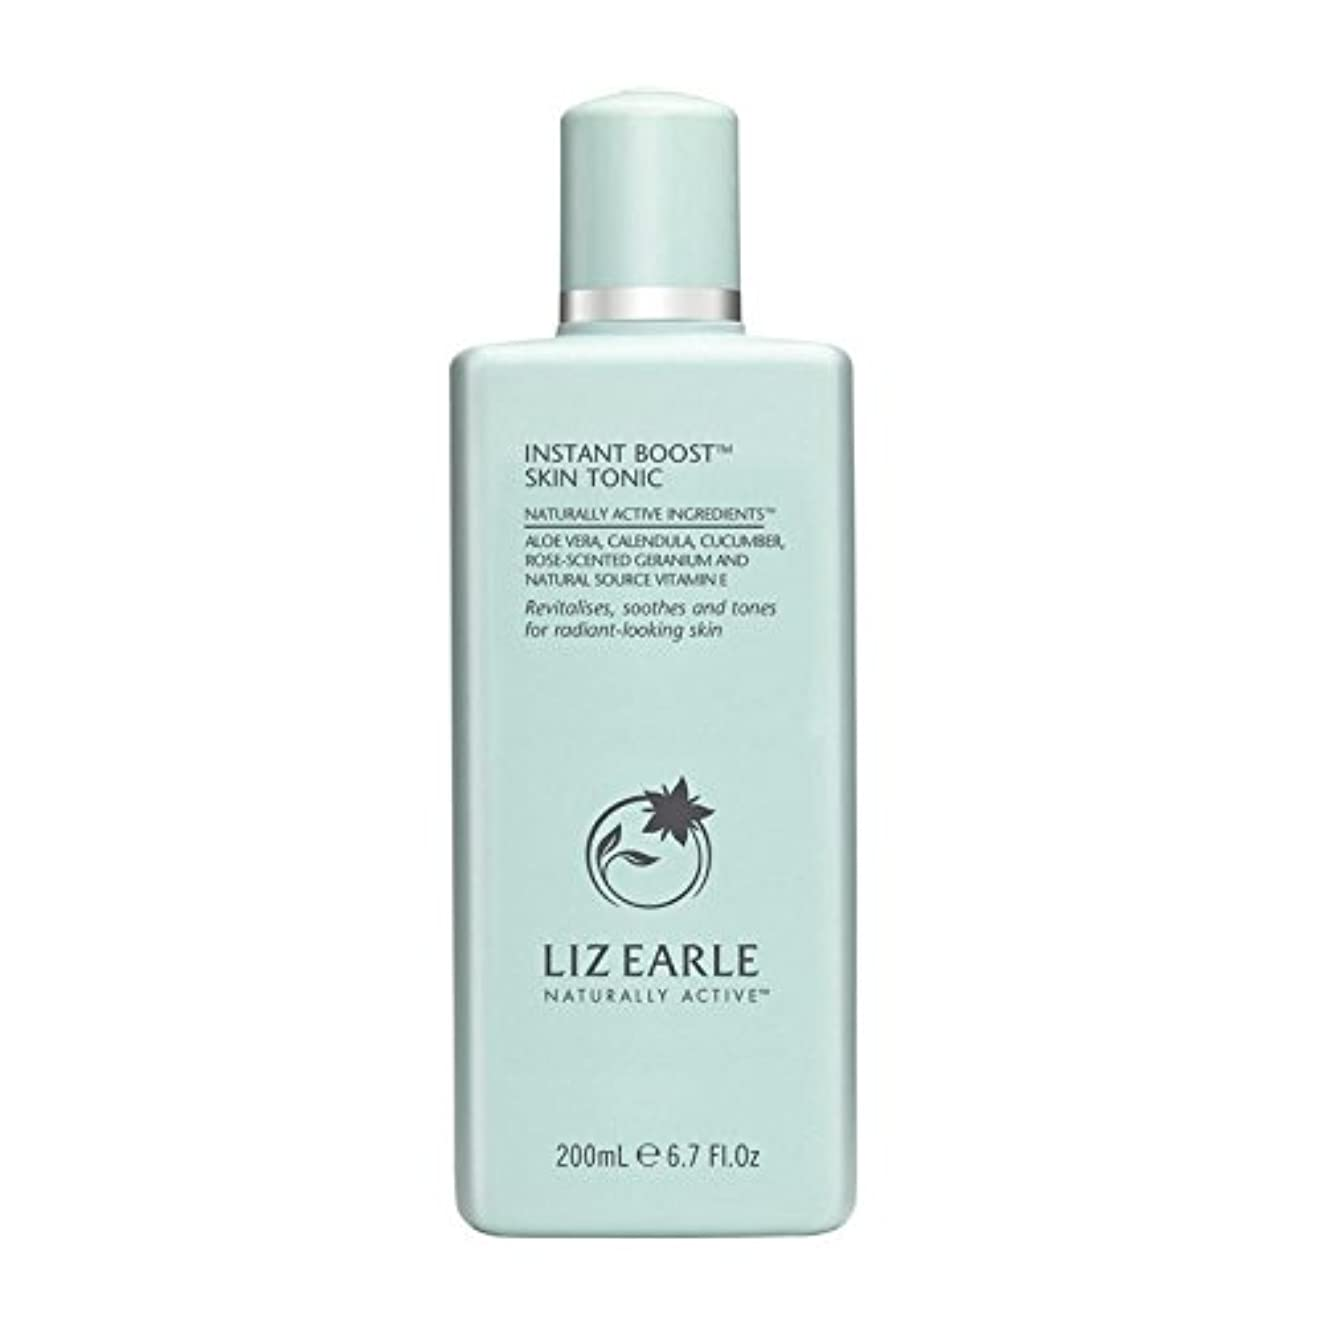 測る秋湿ったリズアールインスタントブーストスキントニックボトル200ミリリットル x2 - Liz Earle Instant Boost Skin Tonic Bottle 200ml (Pack of 2) [並行輸入品]